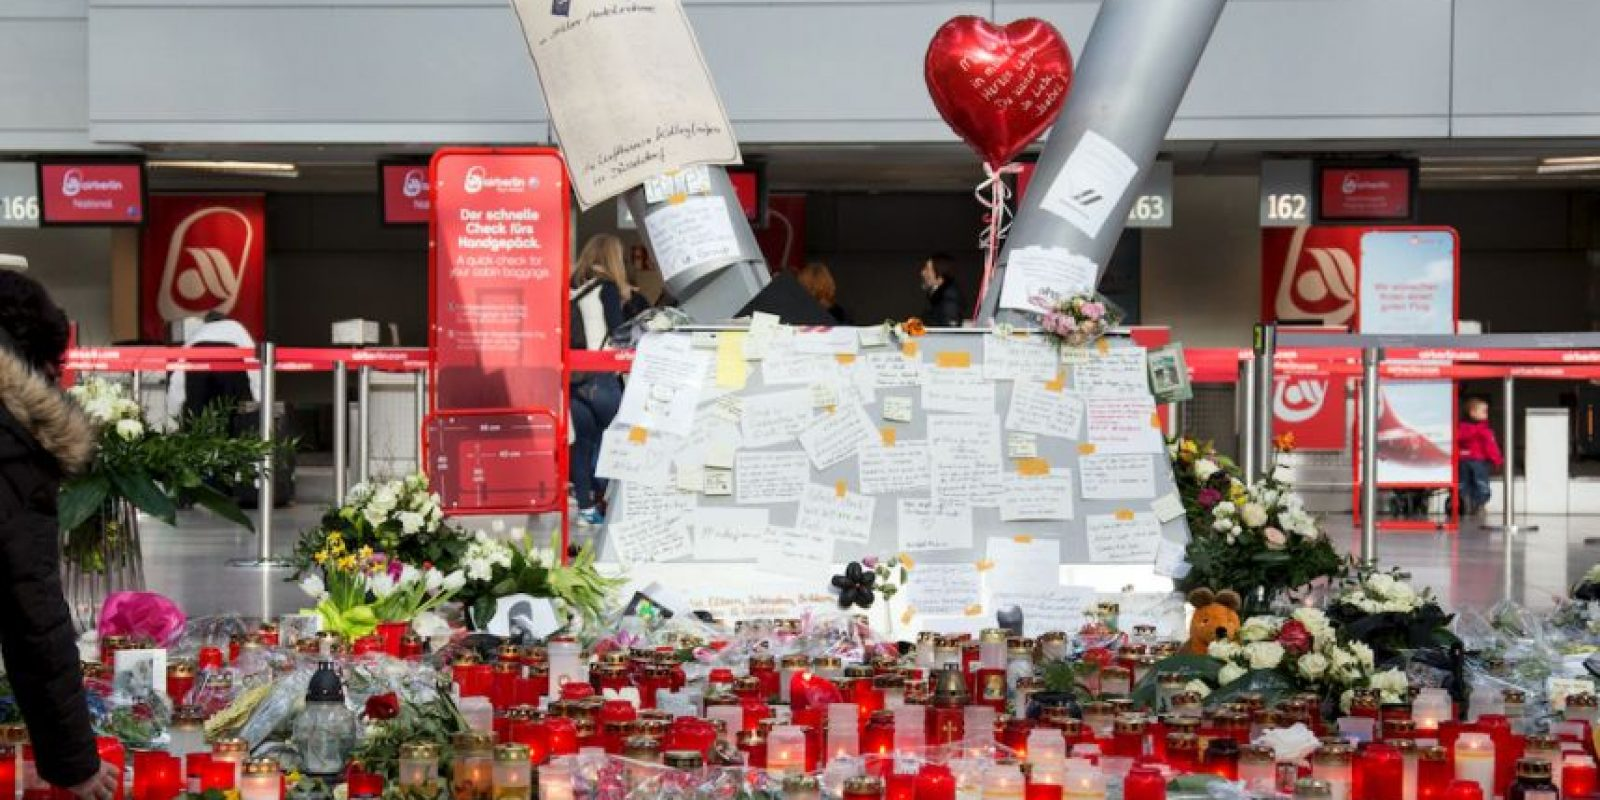 """La Oficina Federal de Aviación de Alemania declaró: """"No habíamos sido informados de que Andreas Lubitz sufría una depresión severa ni nada en lo relativo a los antecedentes médicos"""" Foto:AP"""